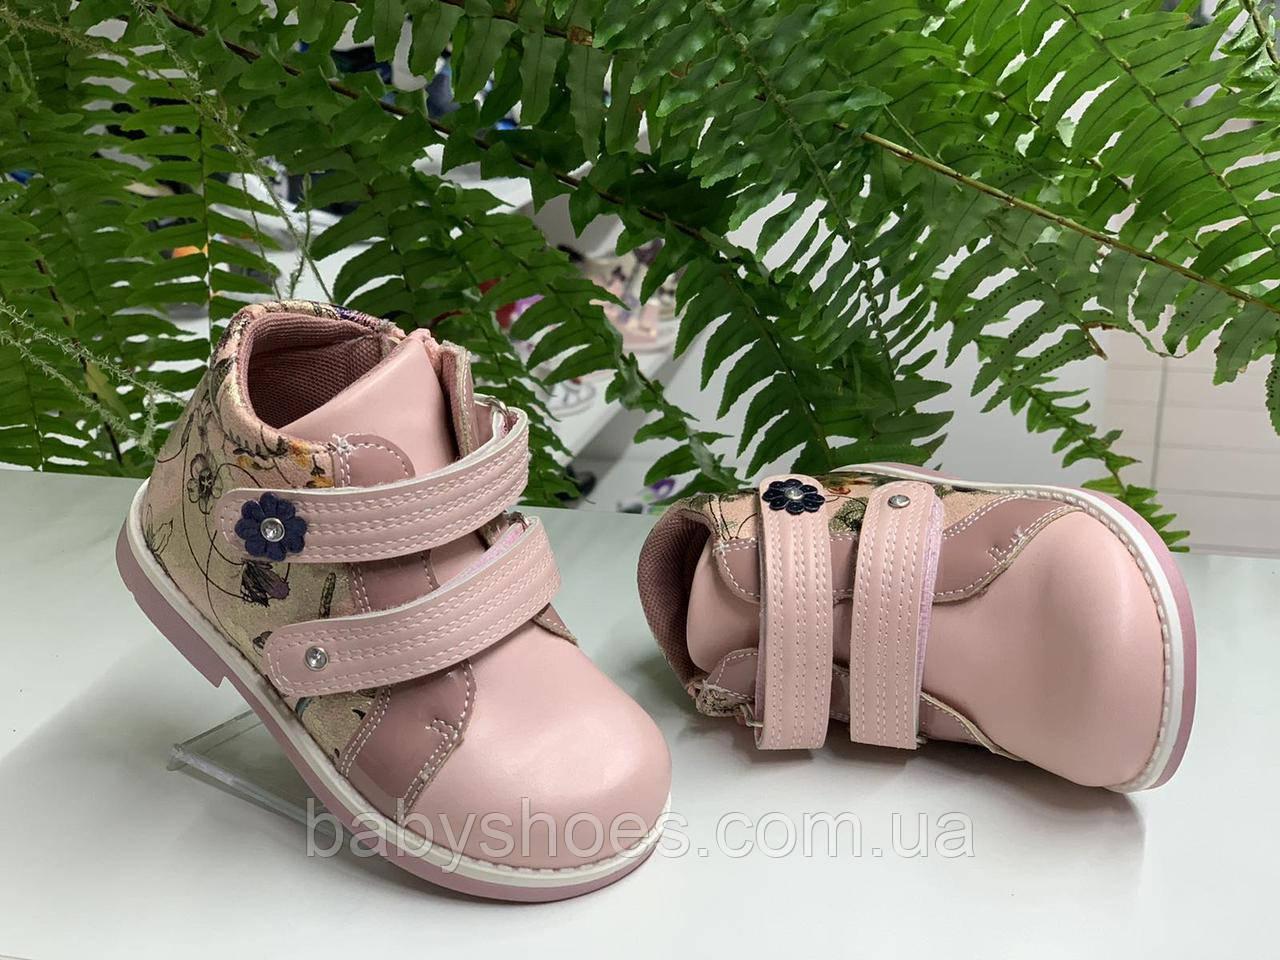 Демисезонные ботинки для девочки С.Луч, р.22-27,  ДД-88-р